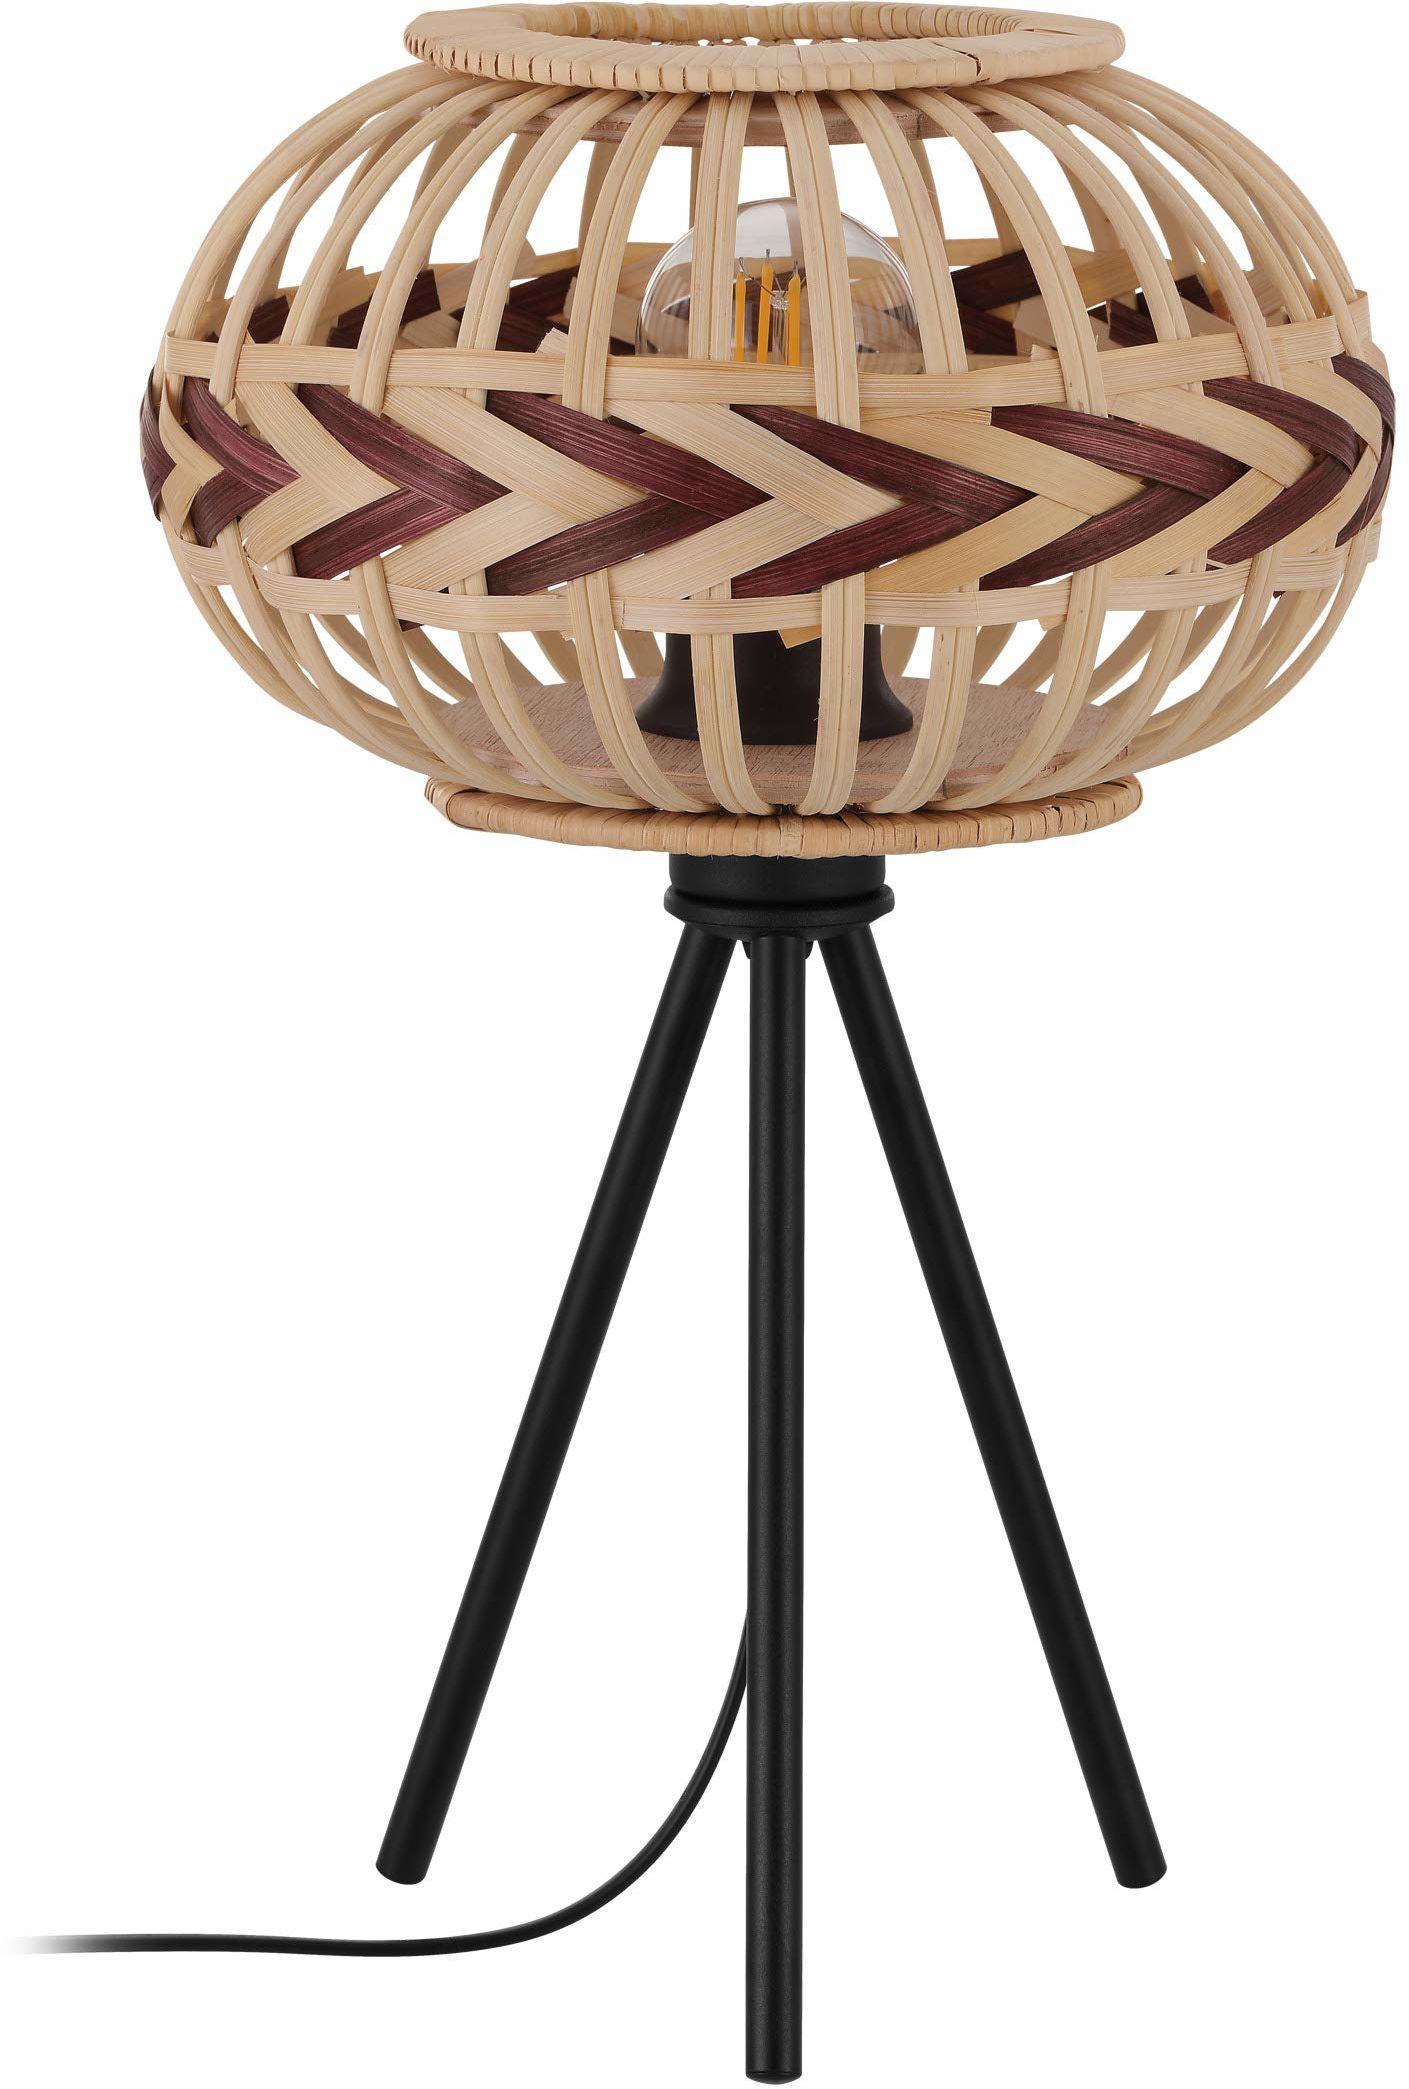 EGLO Dondarrion lampa stołowa w stylu vintage, skandynawski, Boho, lampka nocna ze stali, drewna, lampa do salonu w kolorze czarnym, naturalnym, czerwone wino, lampa z przełącznikiem, oprawka E27